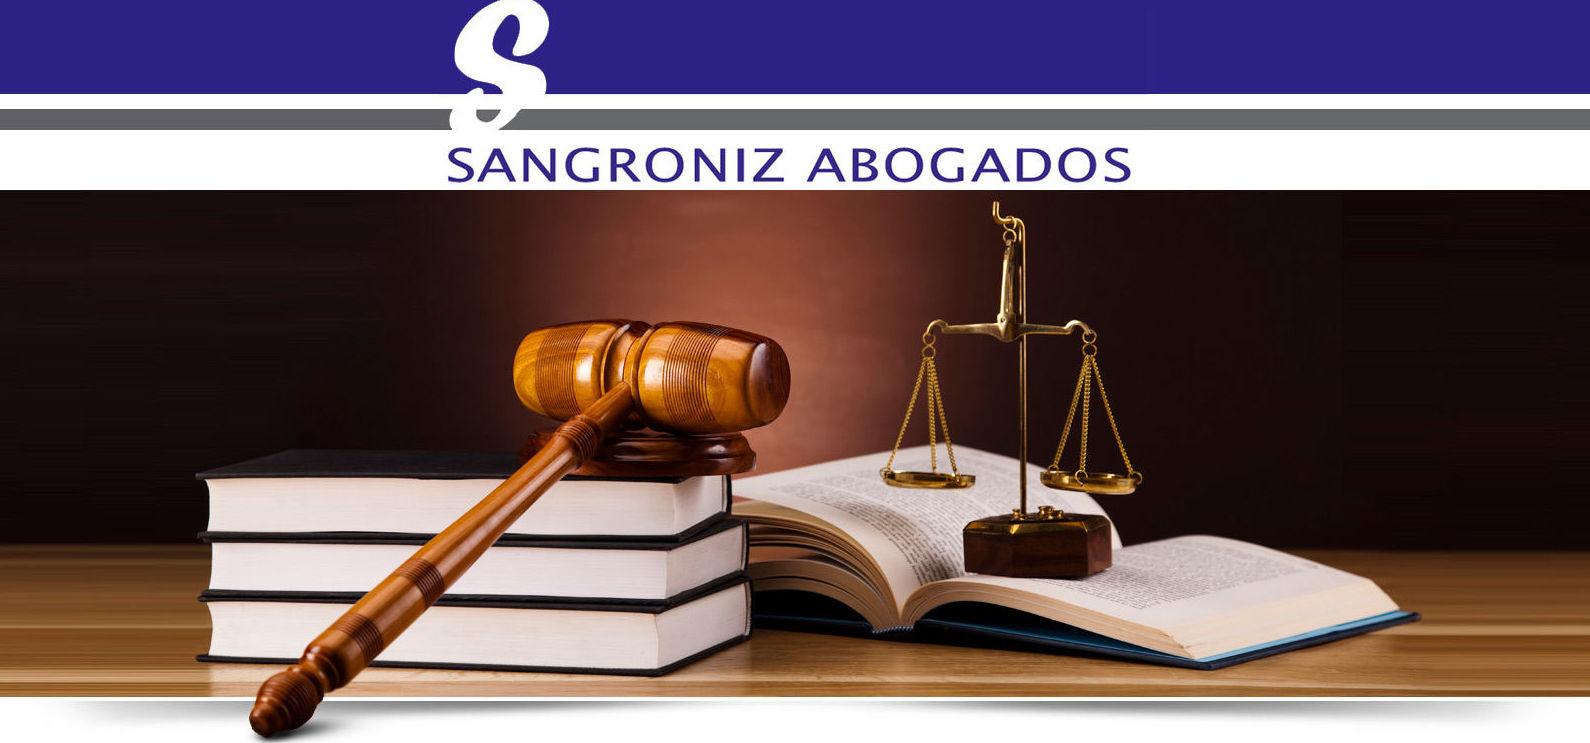 Foto 7 de Abogados en Vitoria-Gasteiz | Sangroniz Abogados